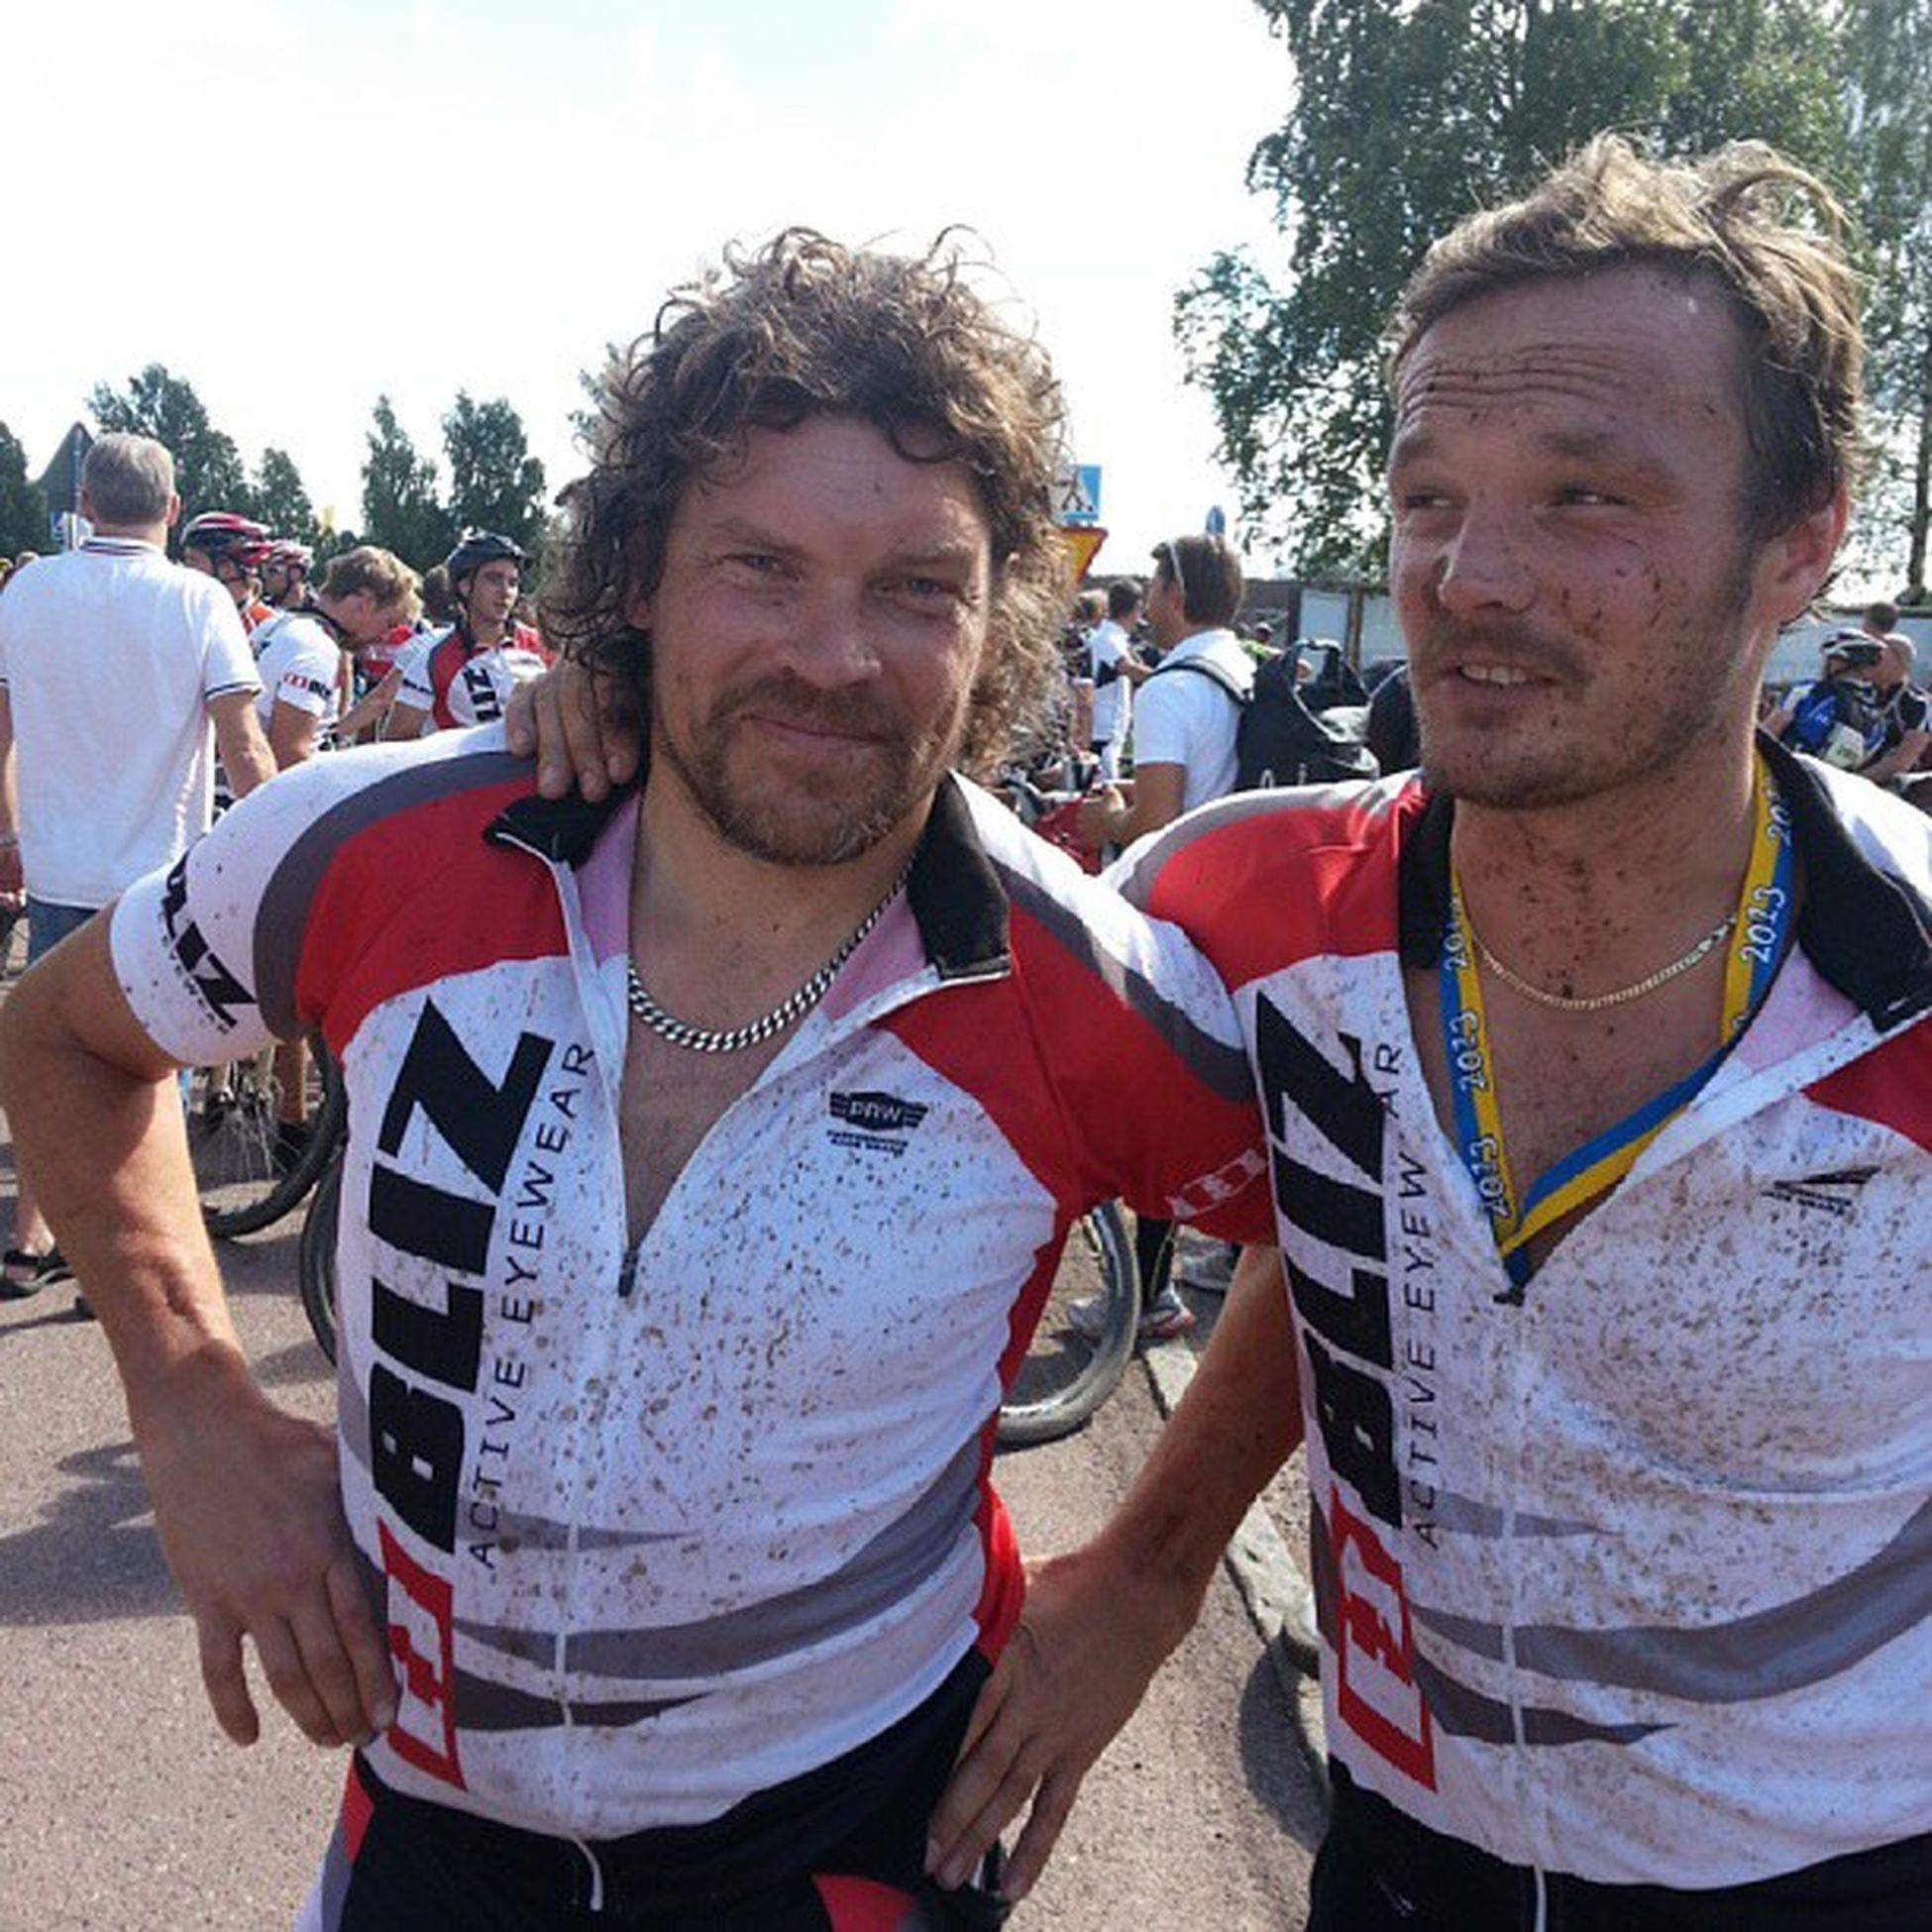 I mål på 3.45ish Winning Cykelvasan Skiteamswedenskicross Kramp